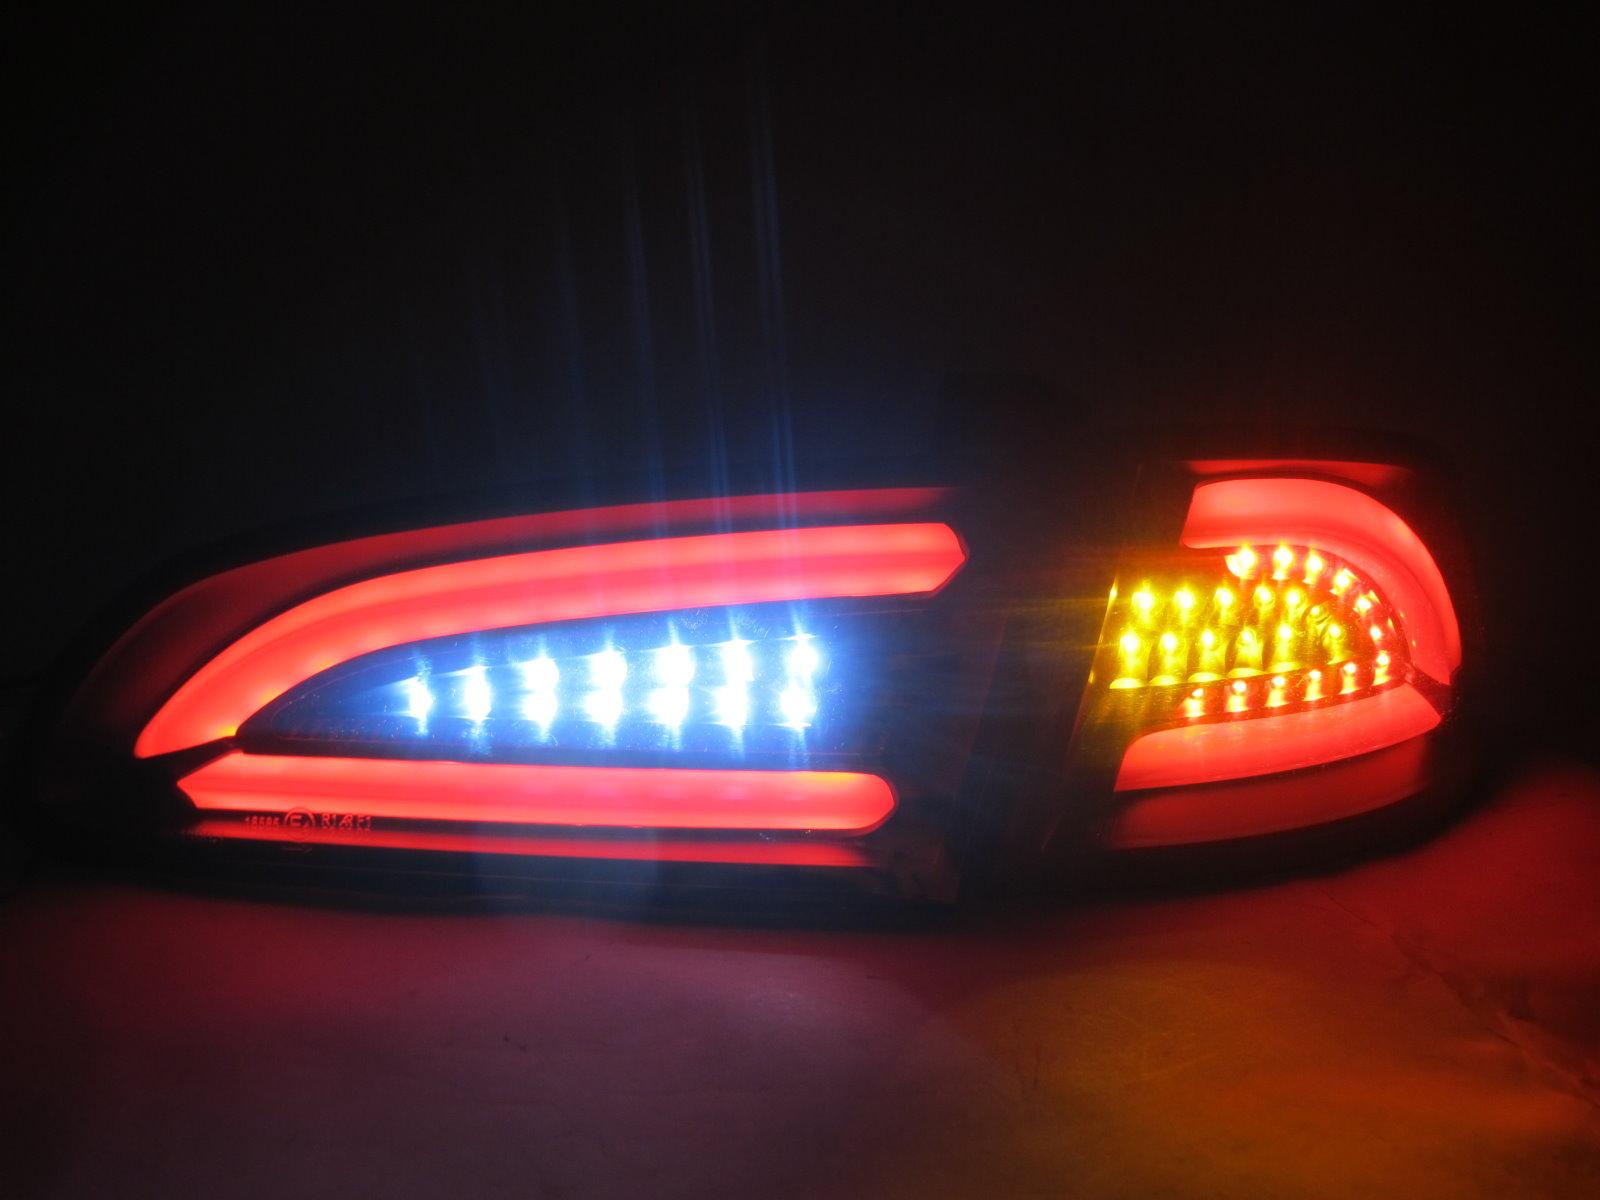 ibiza 6l 2002 2006 led bar tail rear light lamp v2 smoke. Black Bedroom Furniture Sets. Home Design Ideas